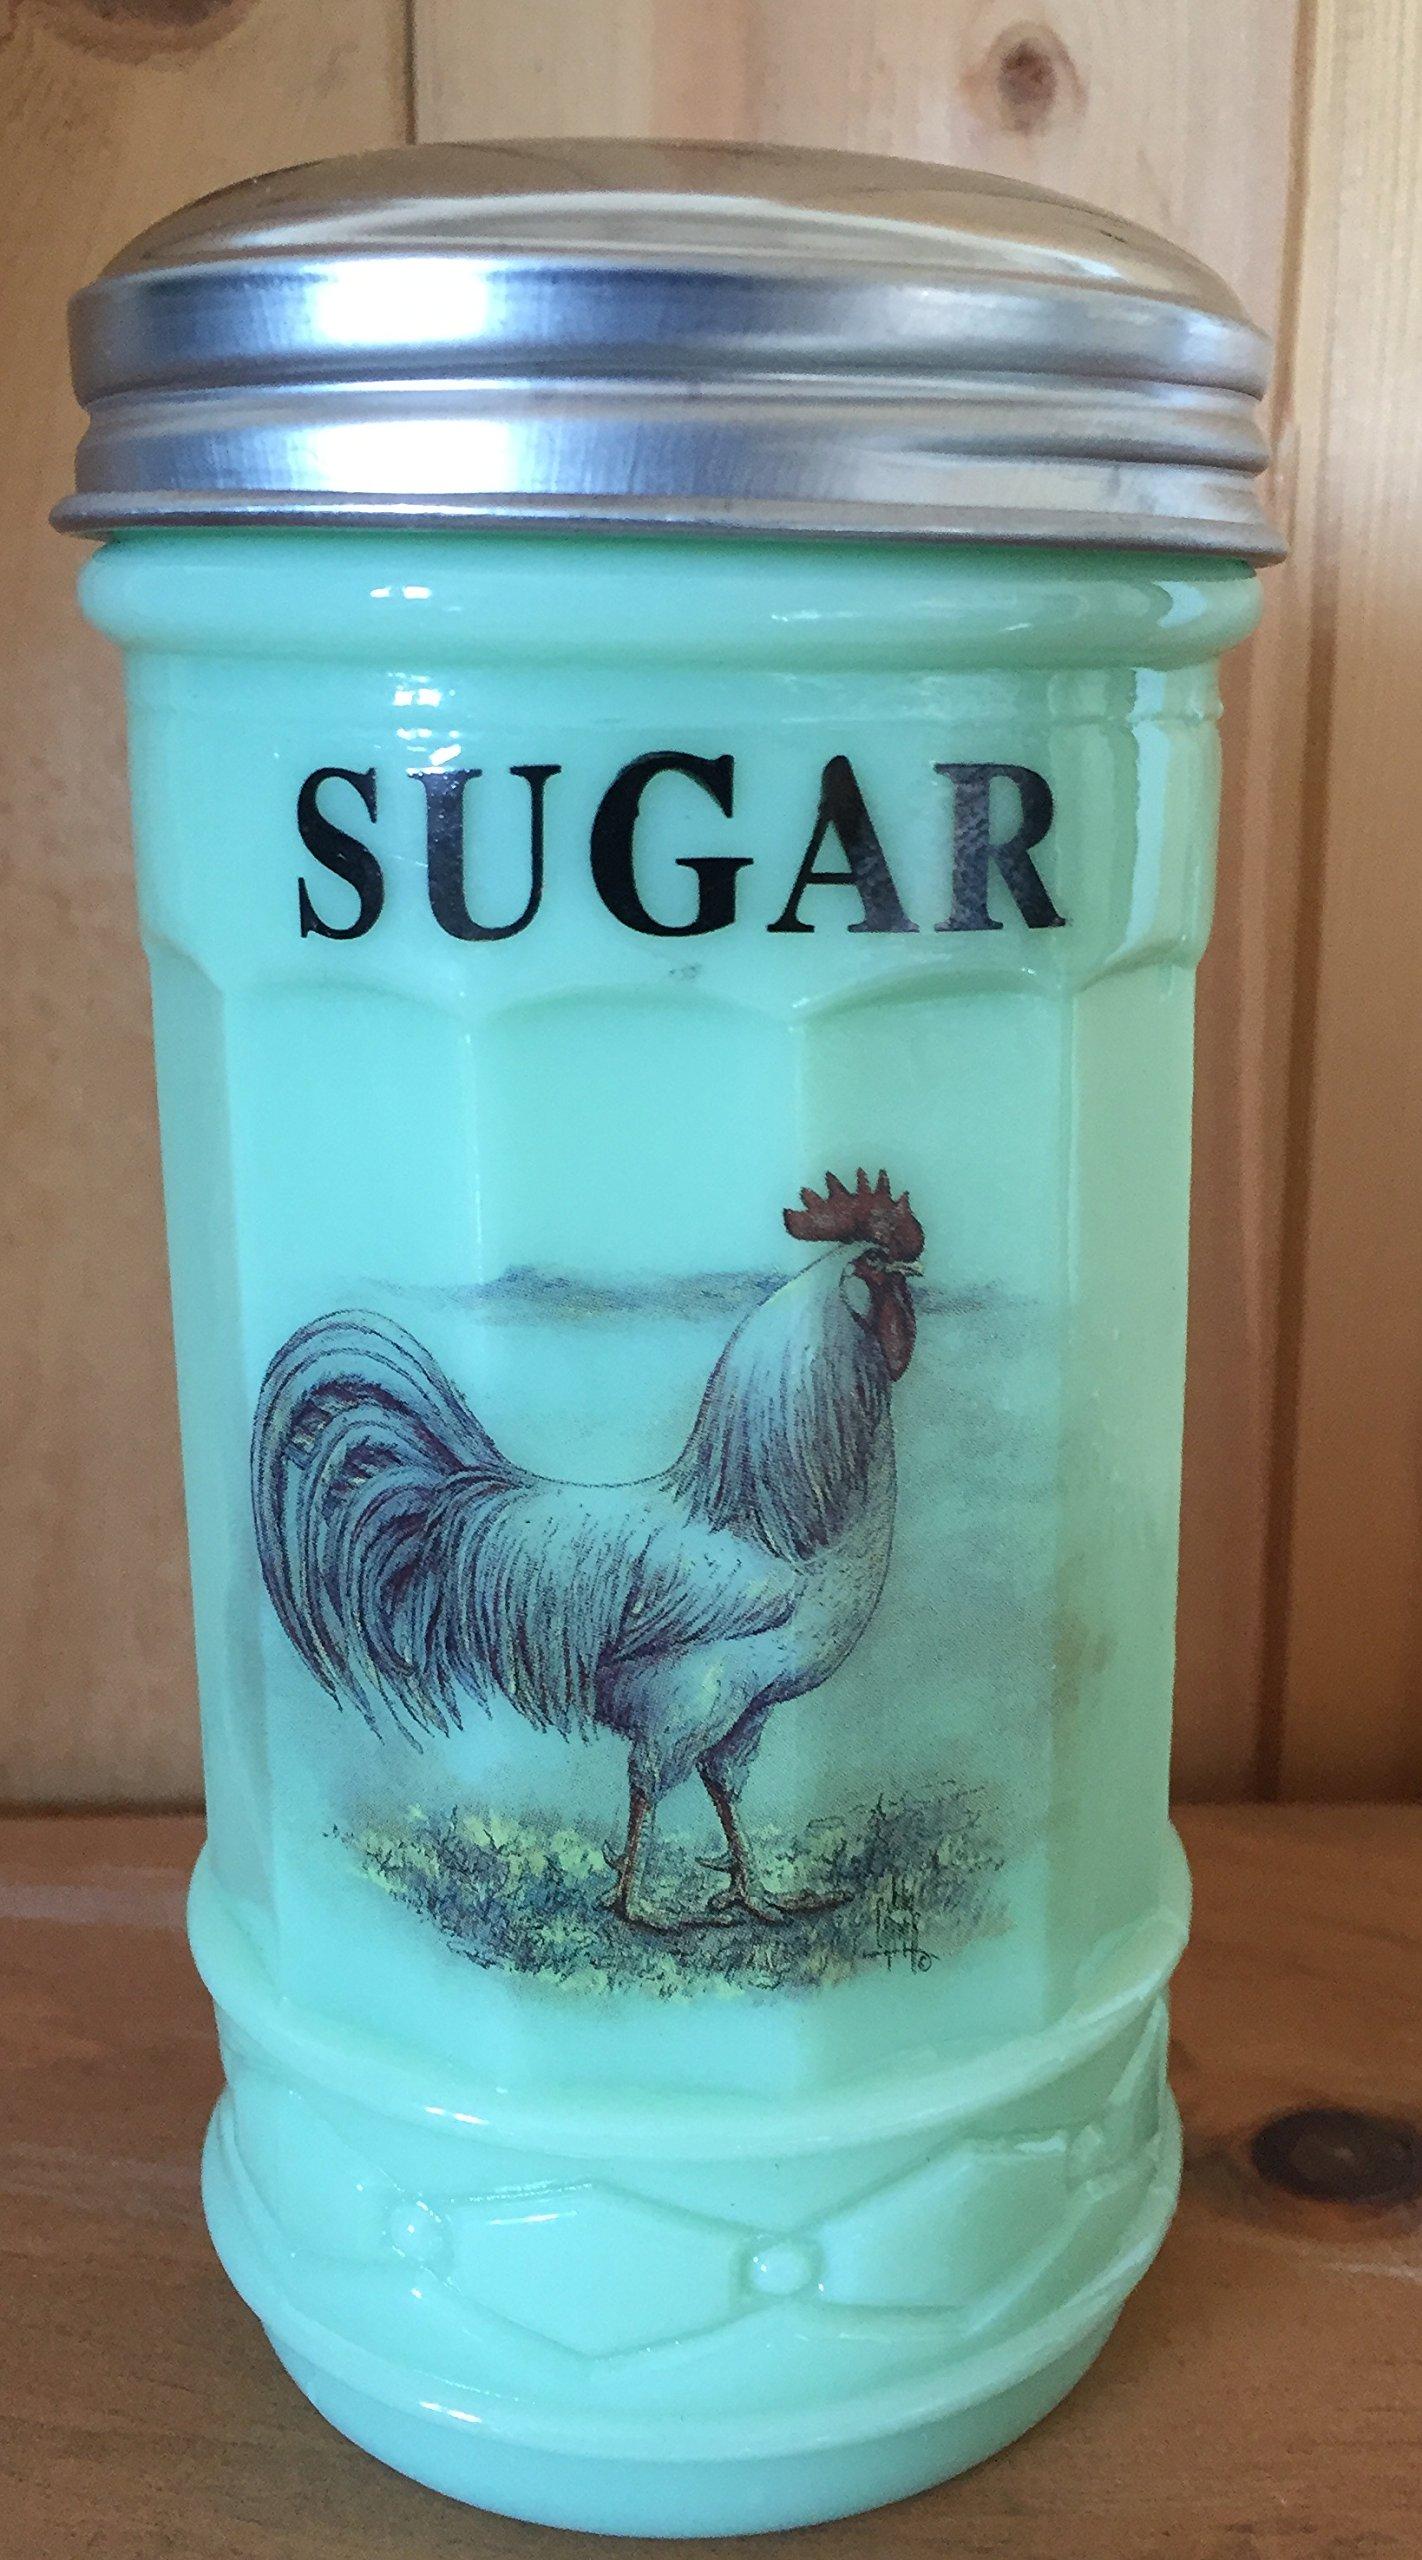 Jade Jadeite Green Glass Restaurant Style Sugar Shaker Dispenser - White Leghorn Chicken Rooster by Rosso Glass (Image #1)